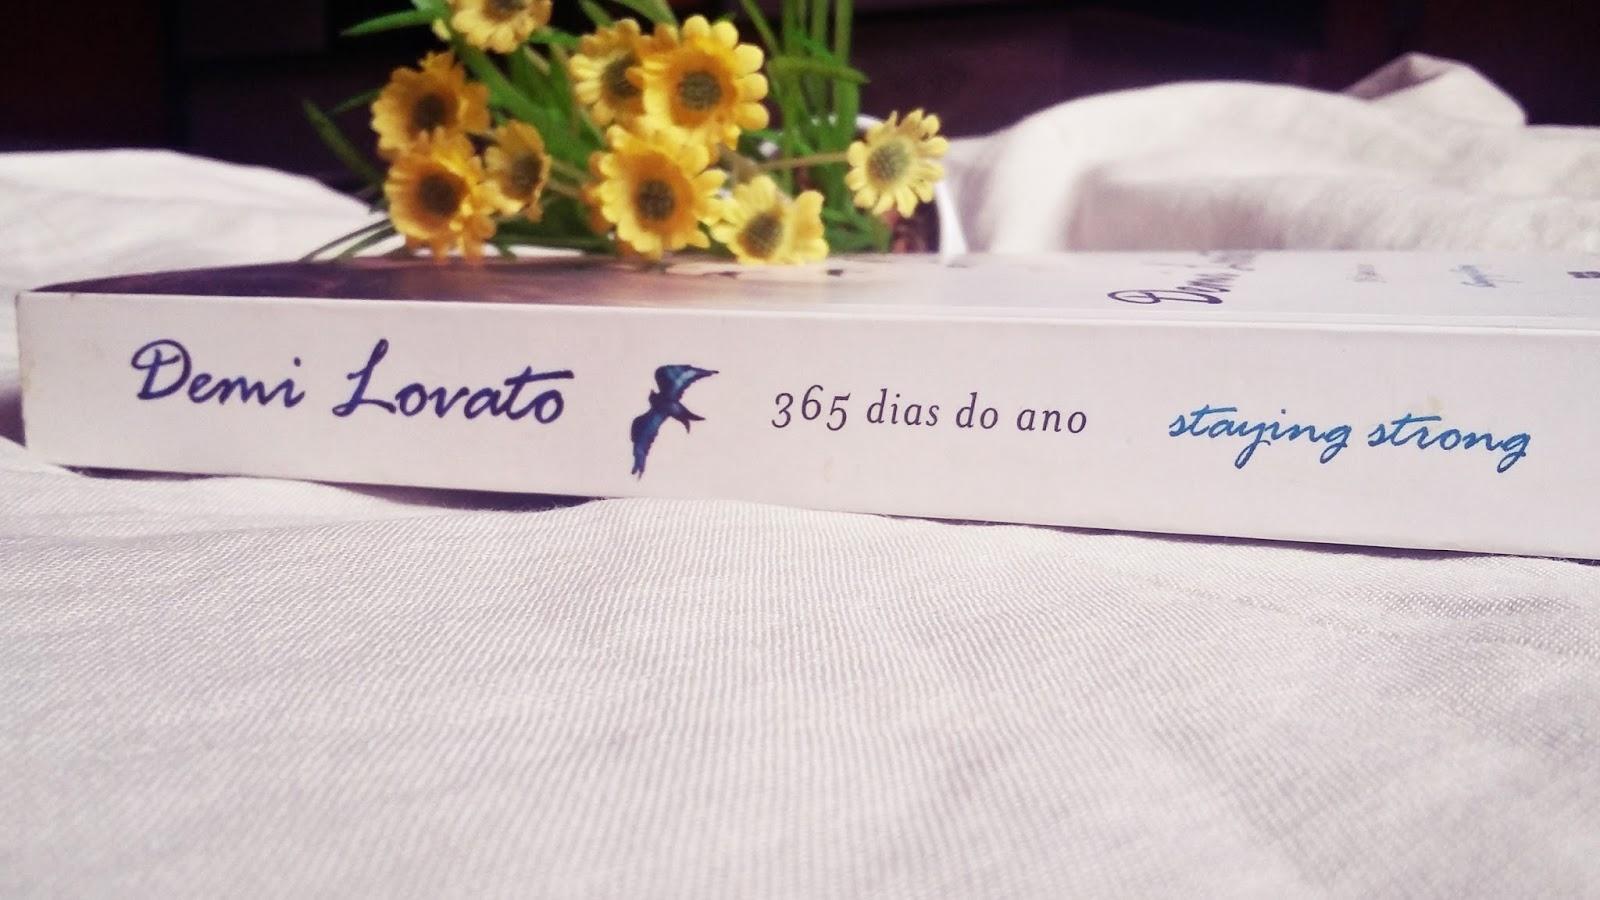 RESENHA DO LIVRO STAY STRONG: 365 DIAS DO ANO.